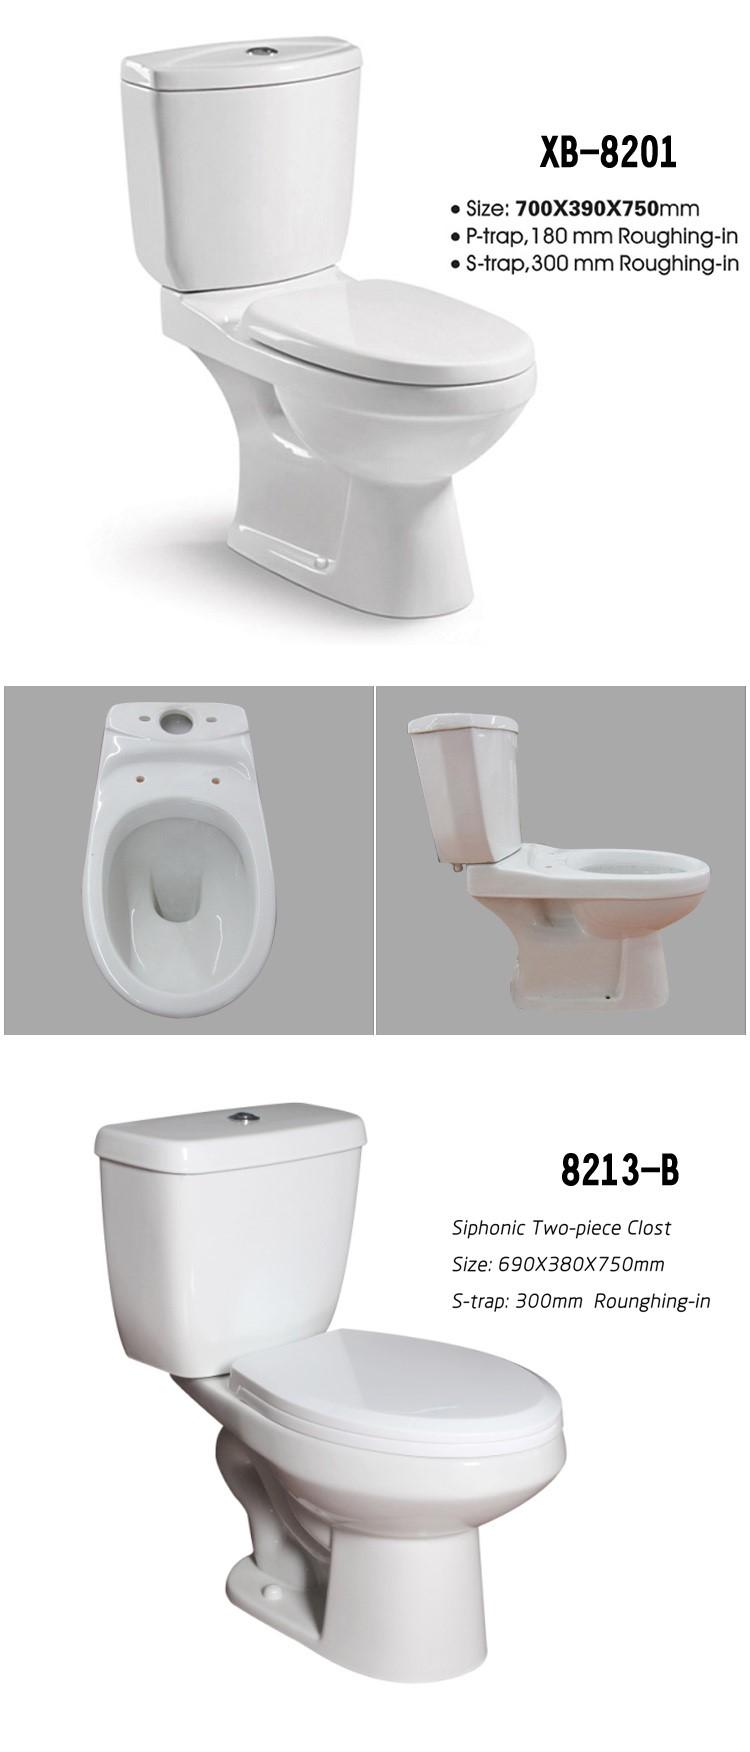 Gros toilettes prix date style wc chimique portable pour for Toilette chimique pour maison